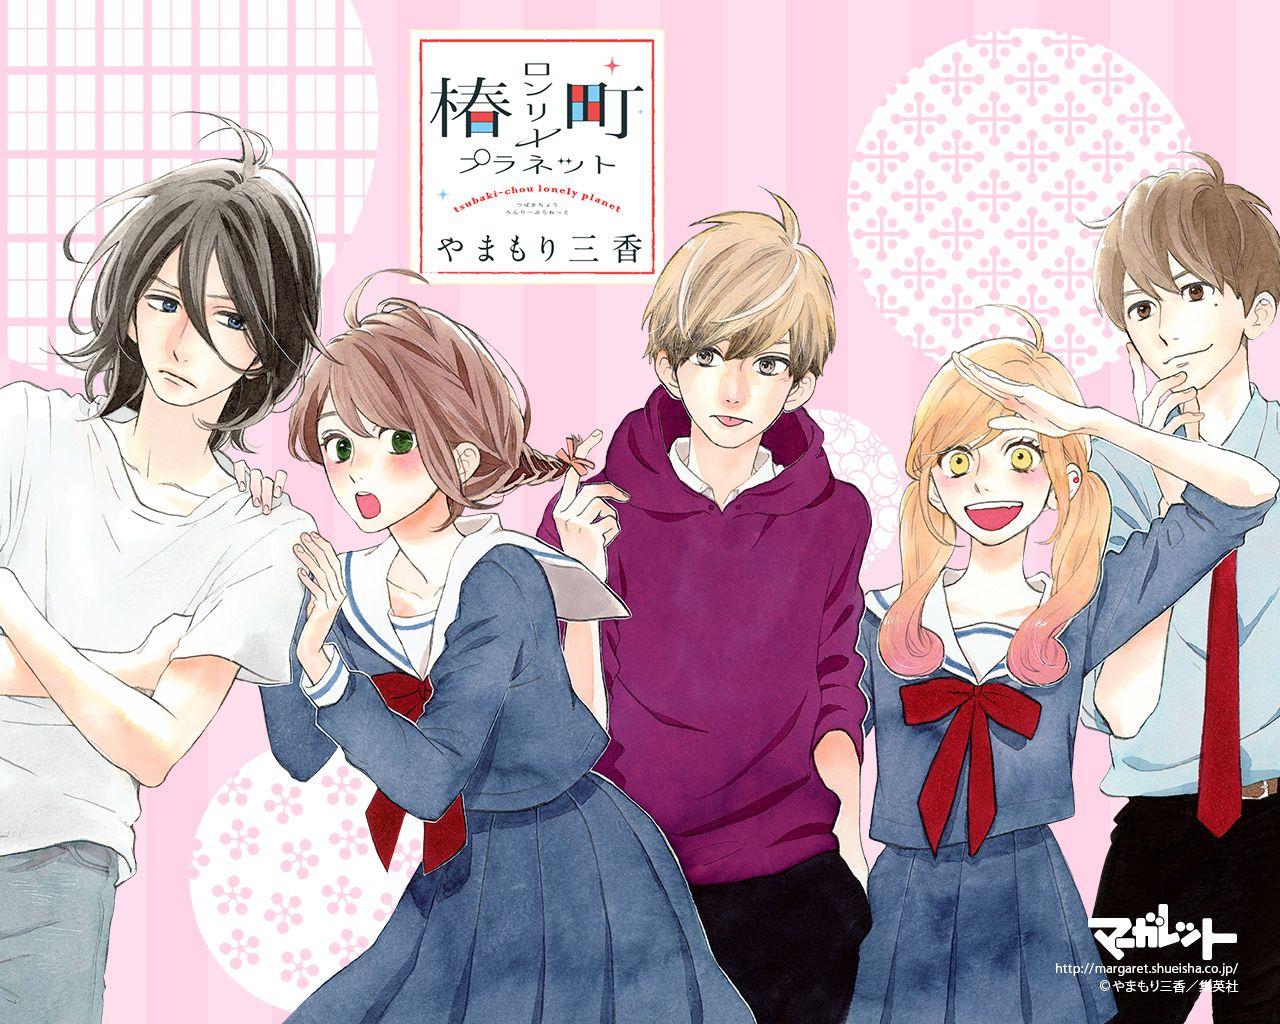 Tsubaki Chou Lonely Planet Yamamori Mika Sensei New Manga